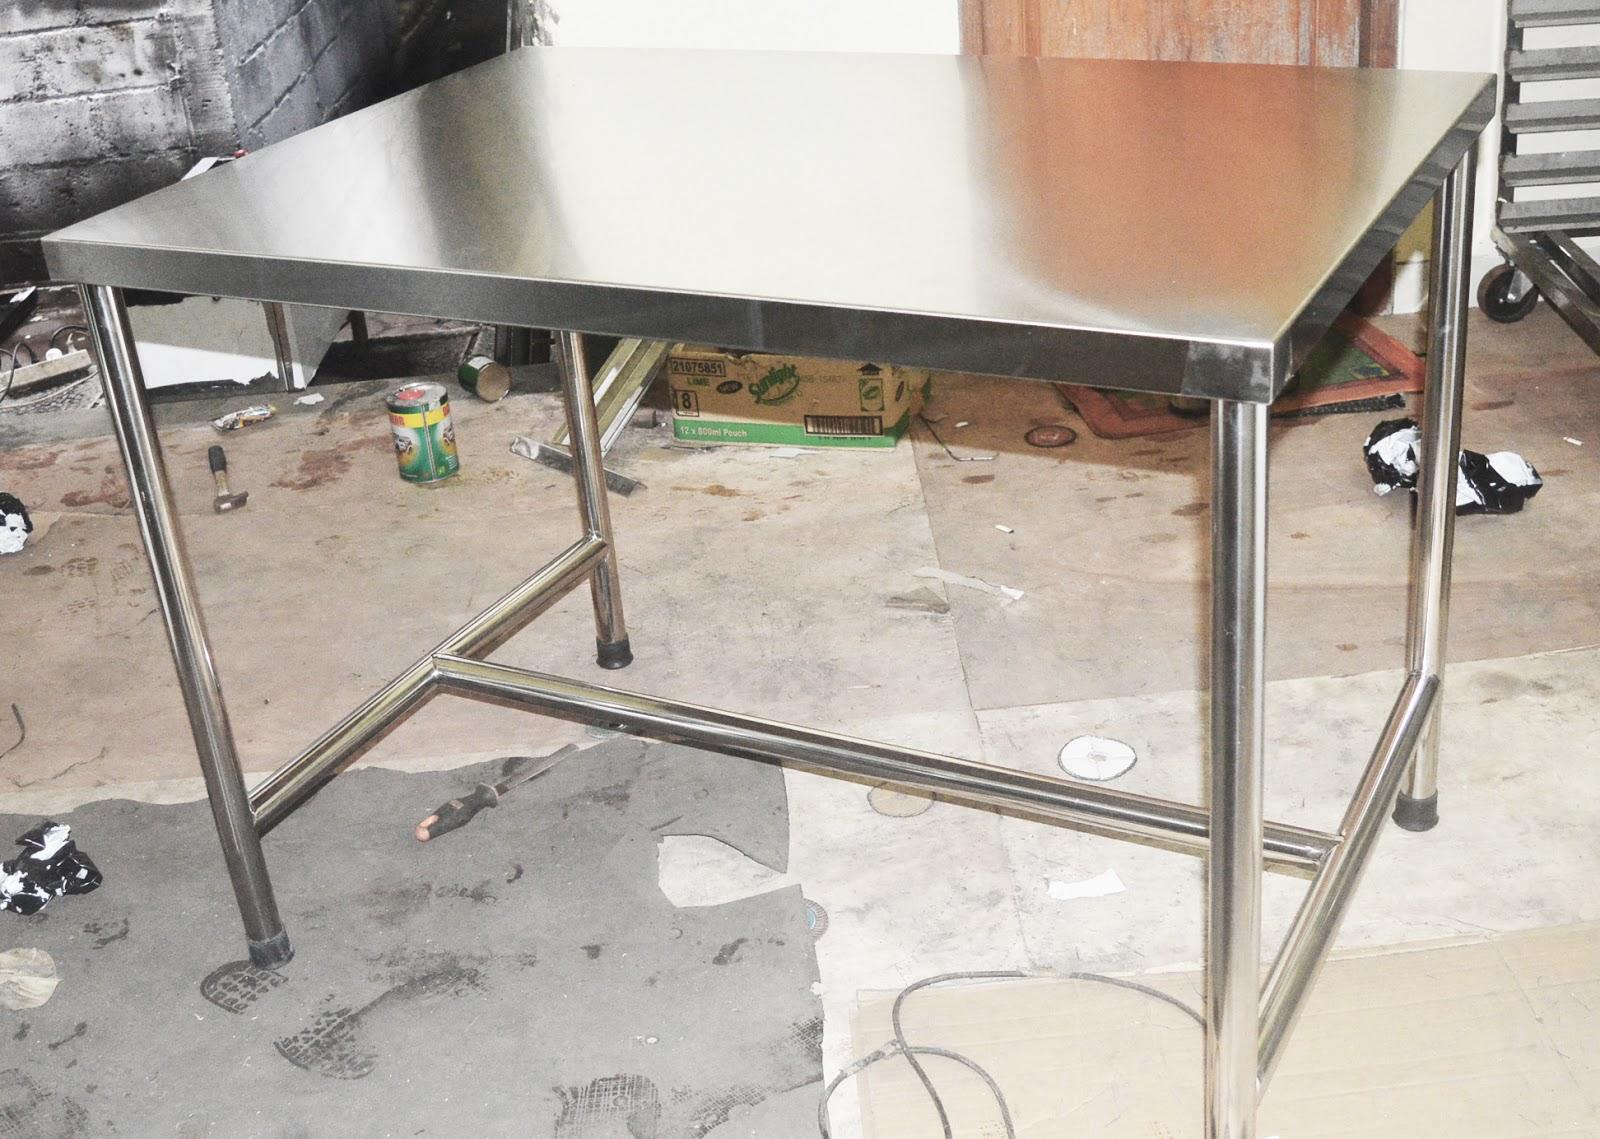 Harga Meja Stainless Steel Untuk Dapur Kuliner